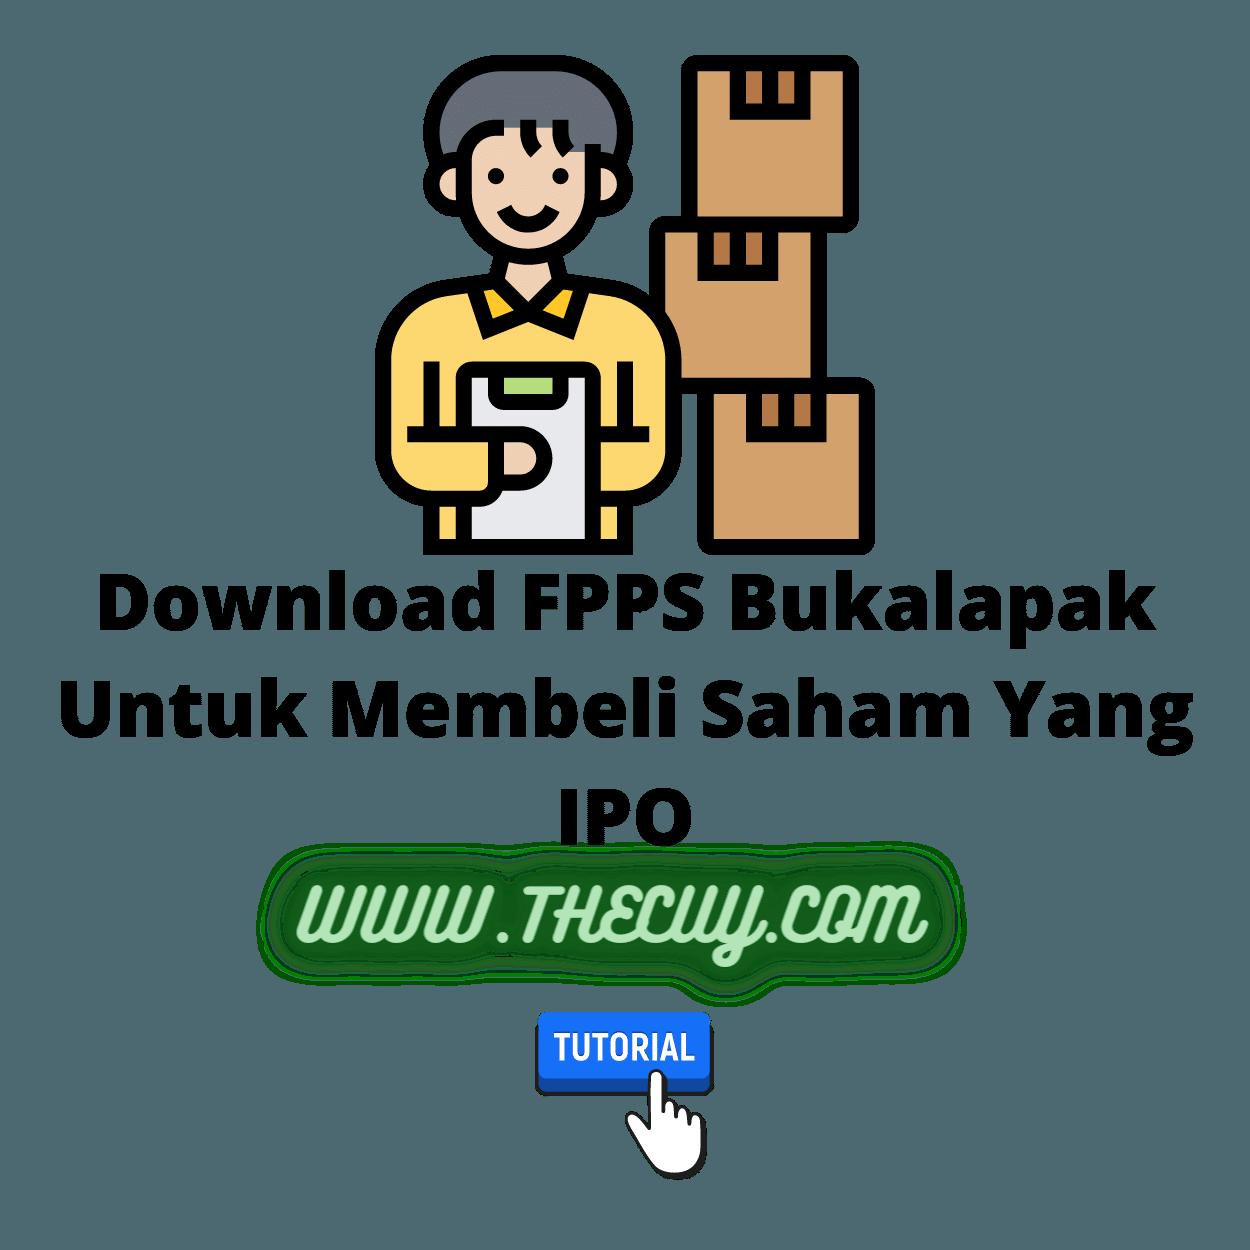 Download FPPS Bukalapak Untuk Membeli Saham Yang IPO